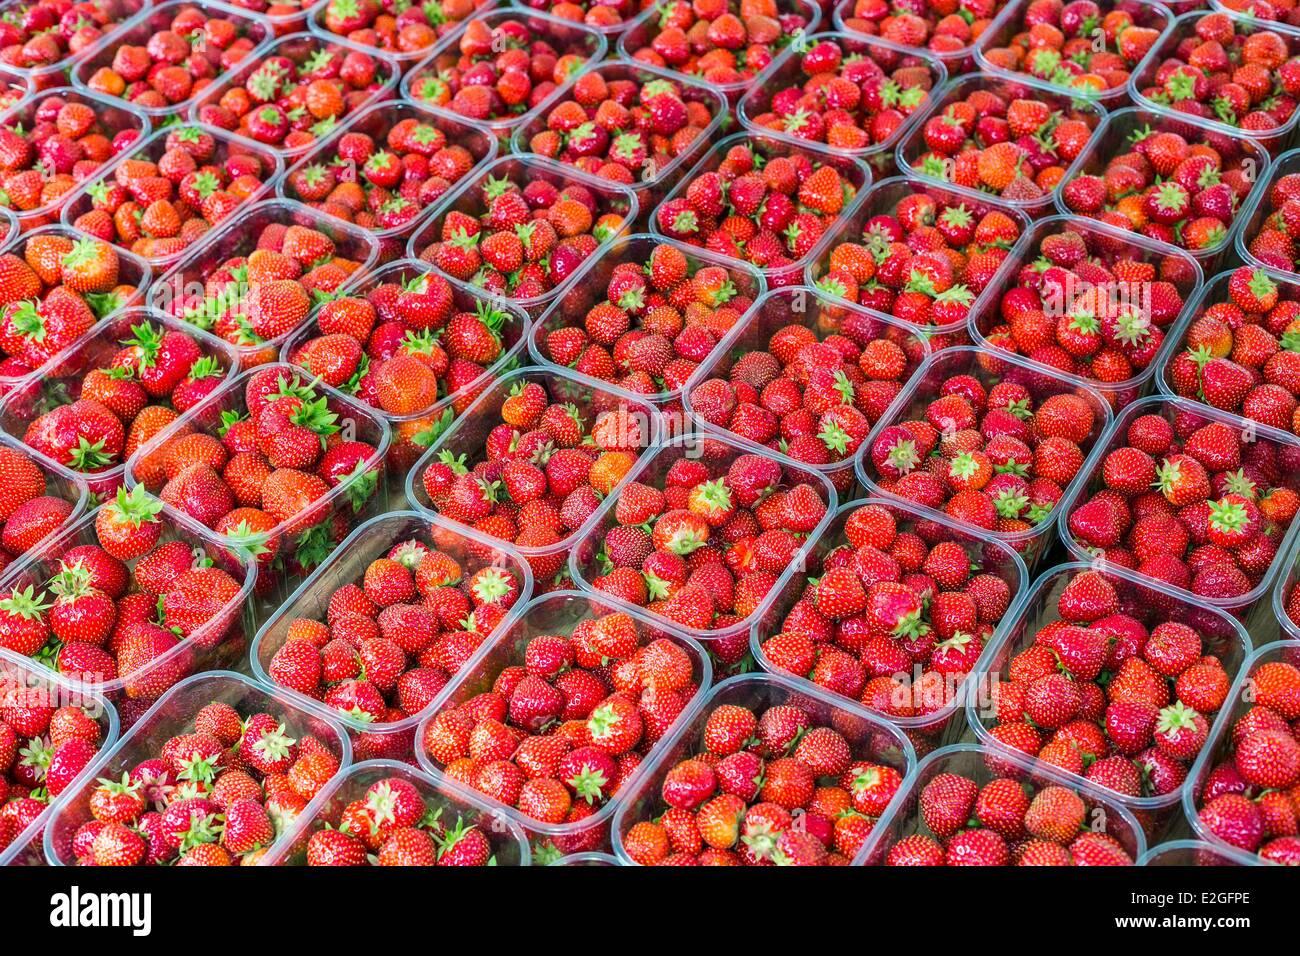 Países Bajos Holanda del Sur Rotterdam Binnenrotte fresas en el mercado más grande del país país Imagen De Stock